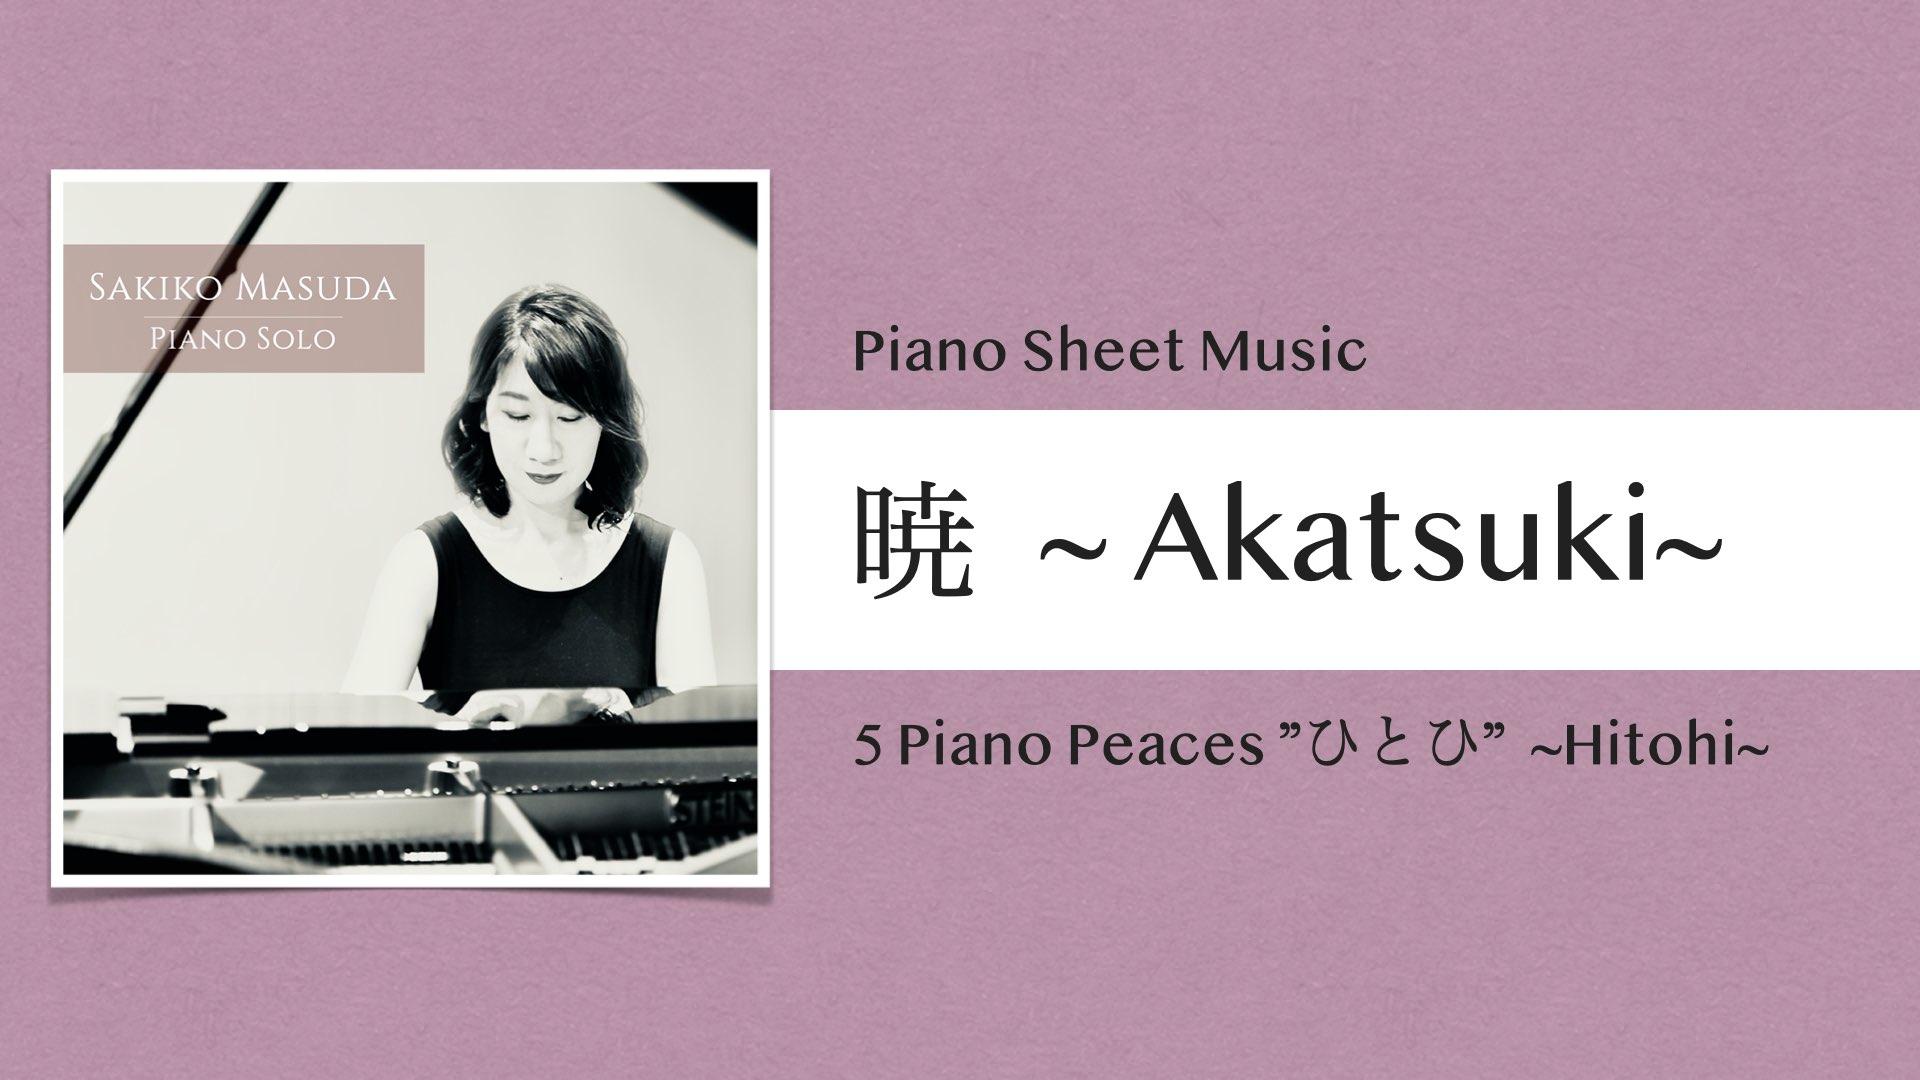 暁 〜Akatsuki〜 ピアノ小曲集『ひとひ』【ピアノ楽譜】